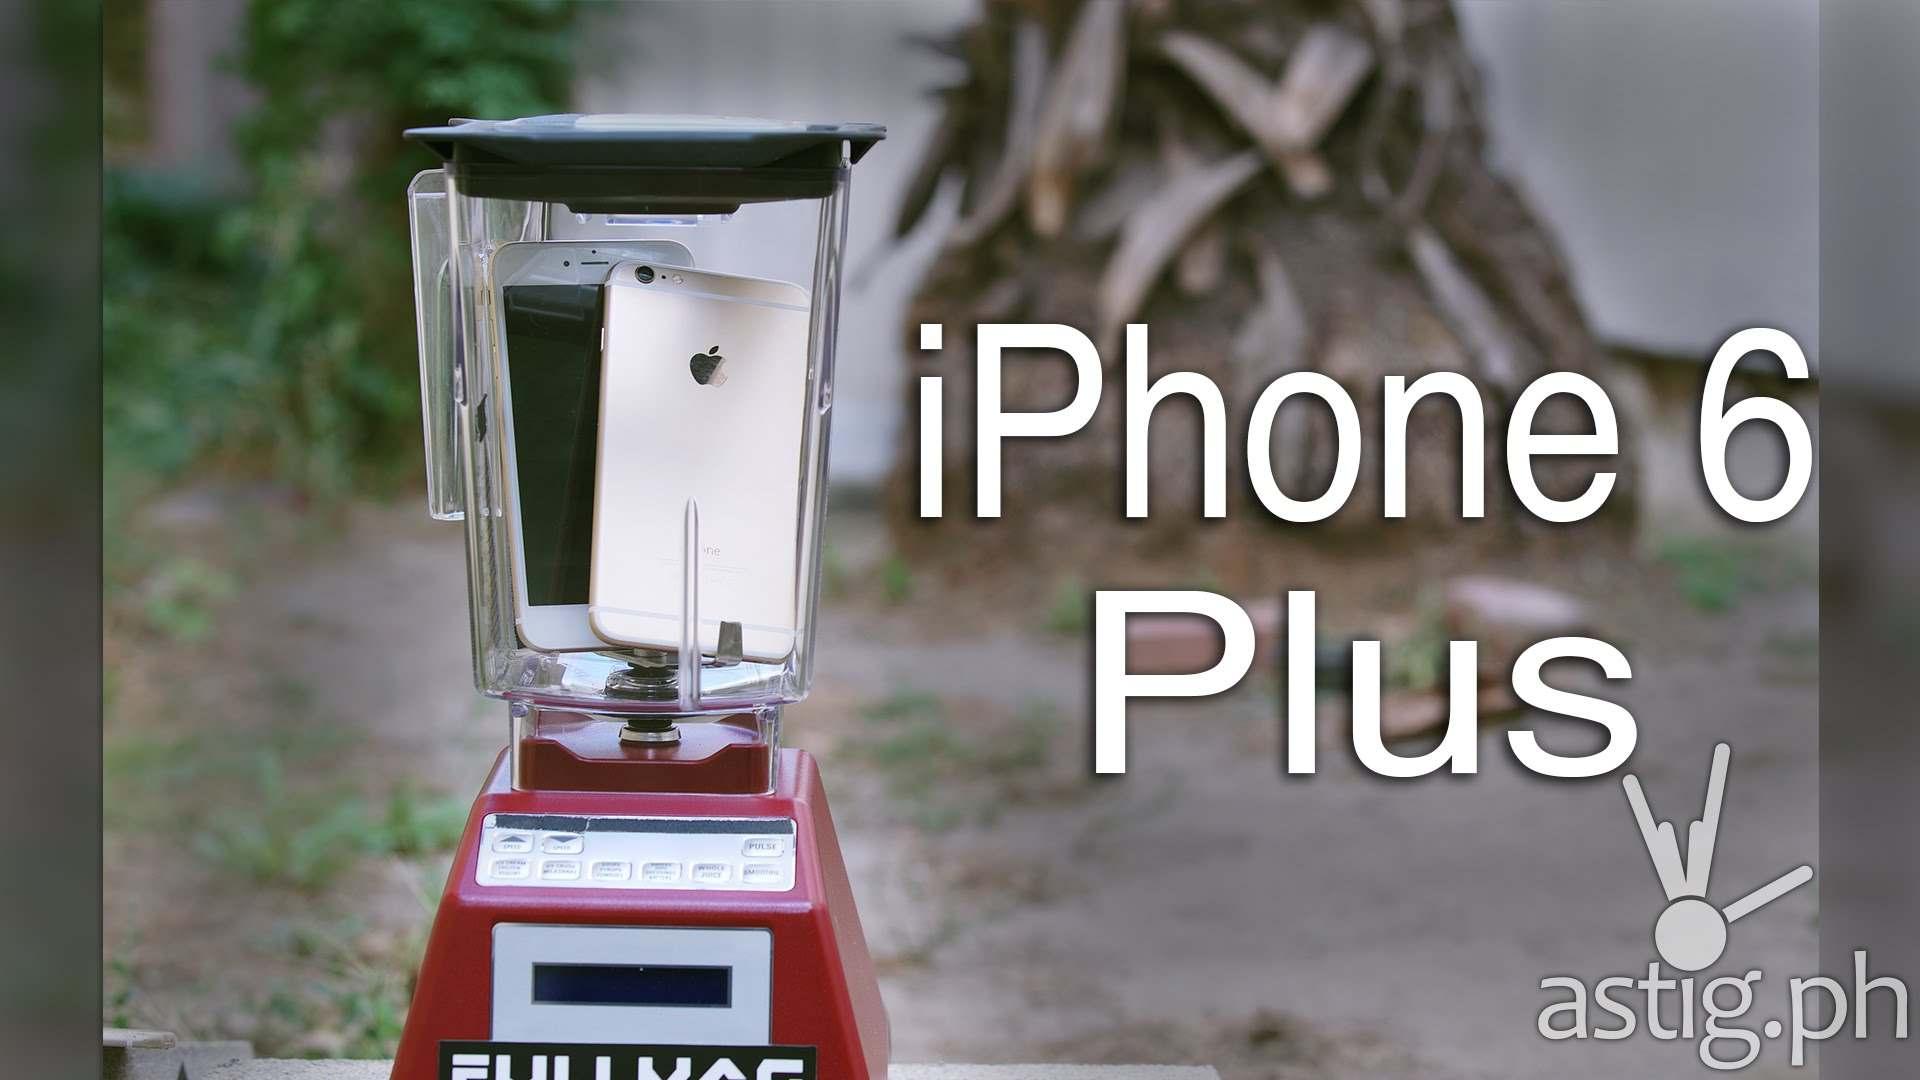 iPhone 6 Plus blend test Blendtec blender